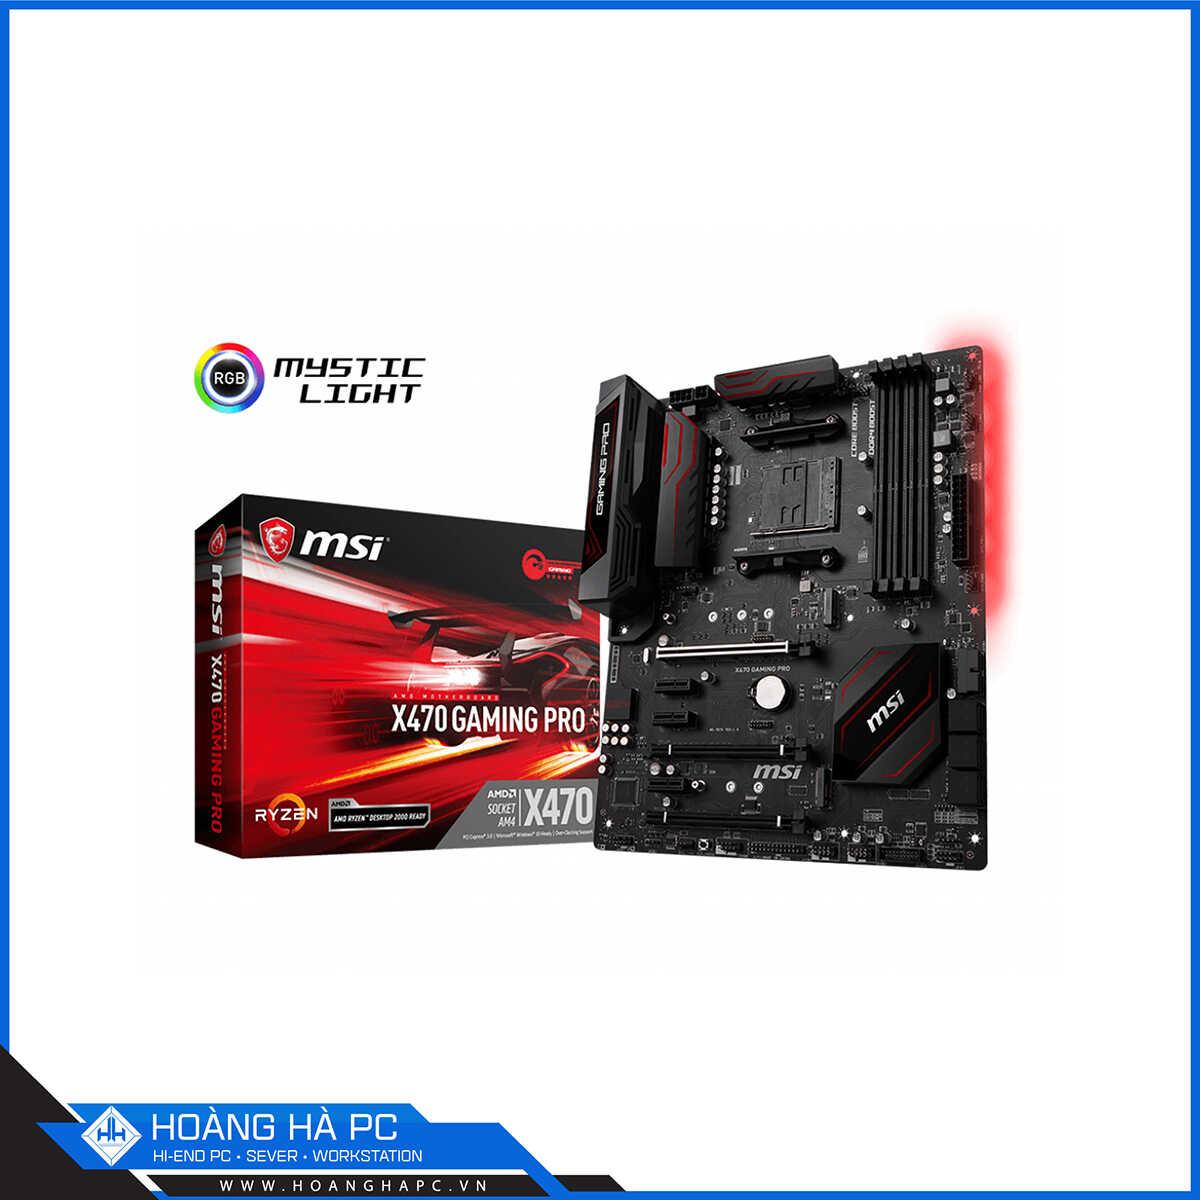 Mainboard AMD X470 có ưu điểm vượt trội so với các dòng cũ